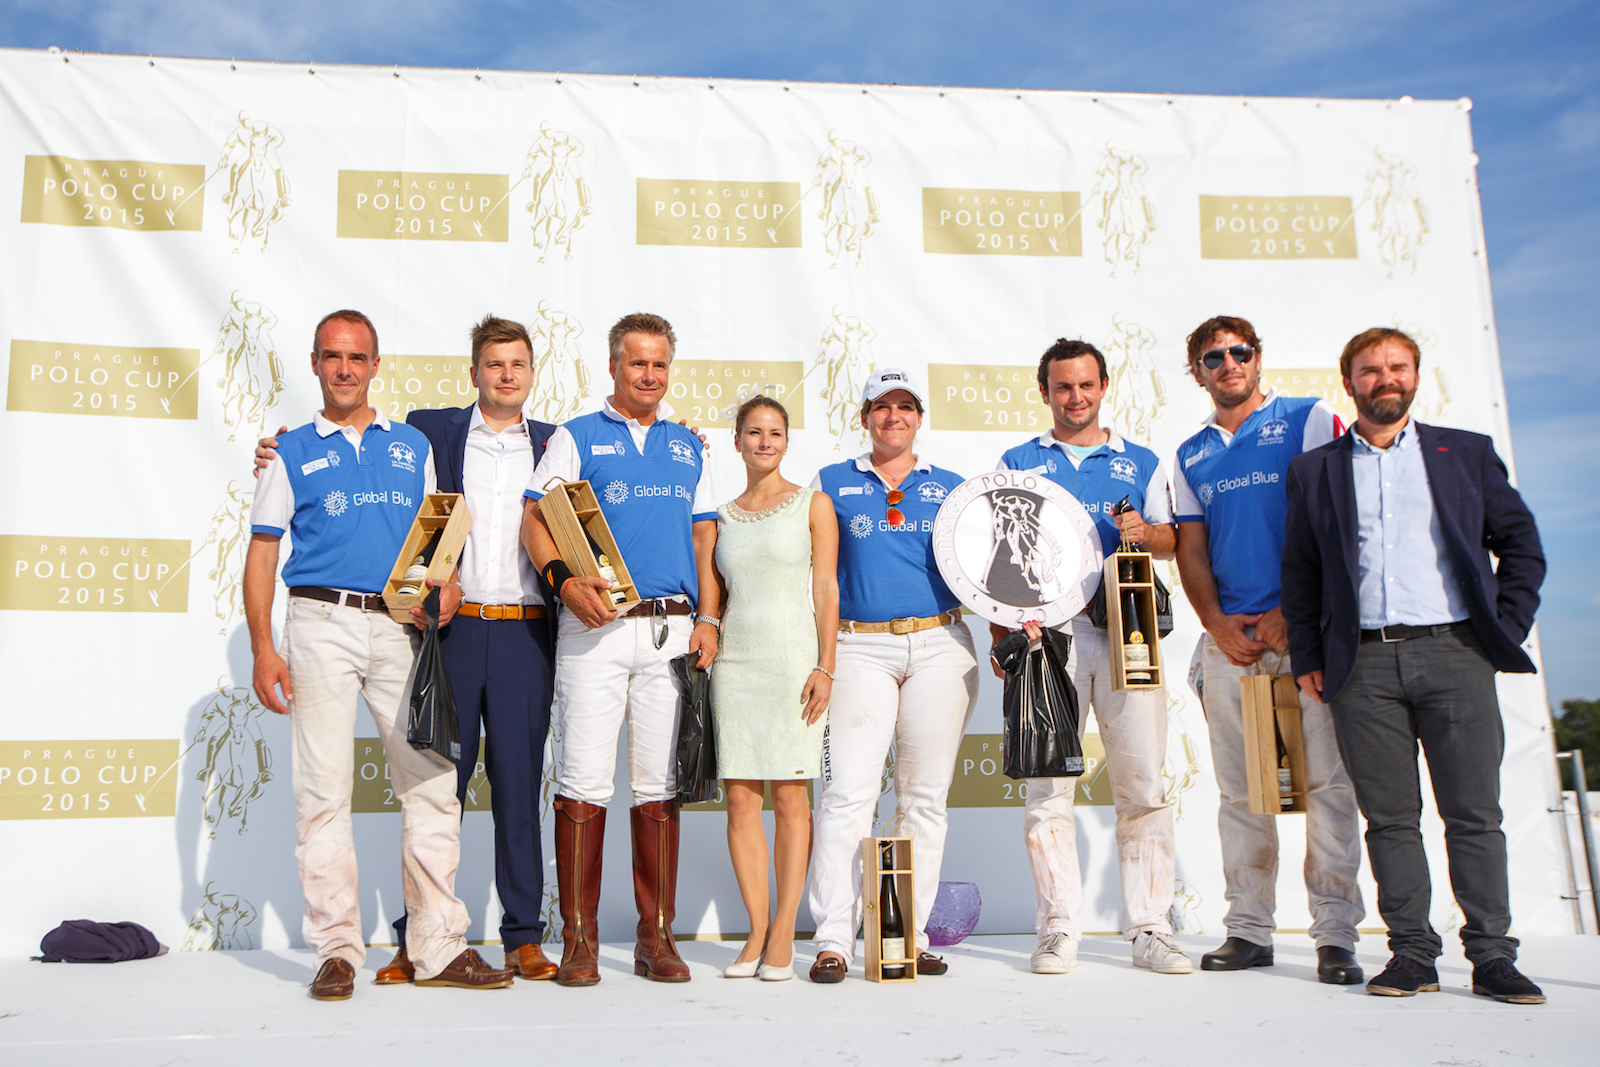 Prague Polo Cup 2015